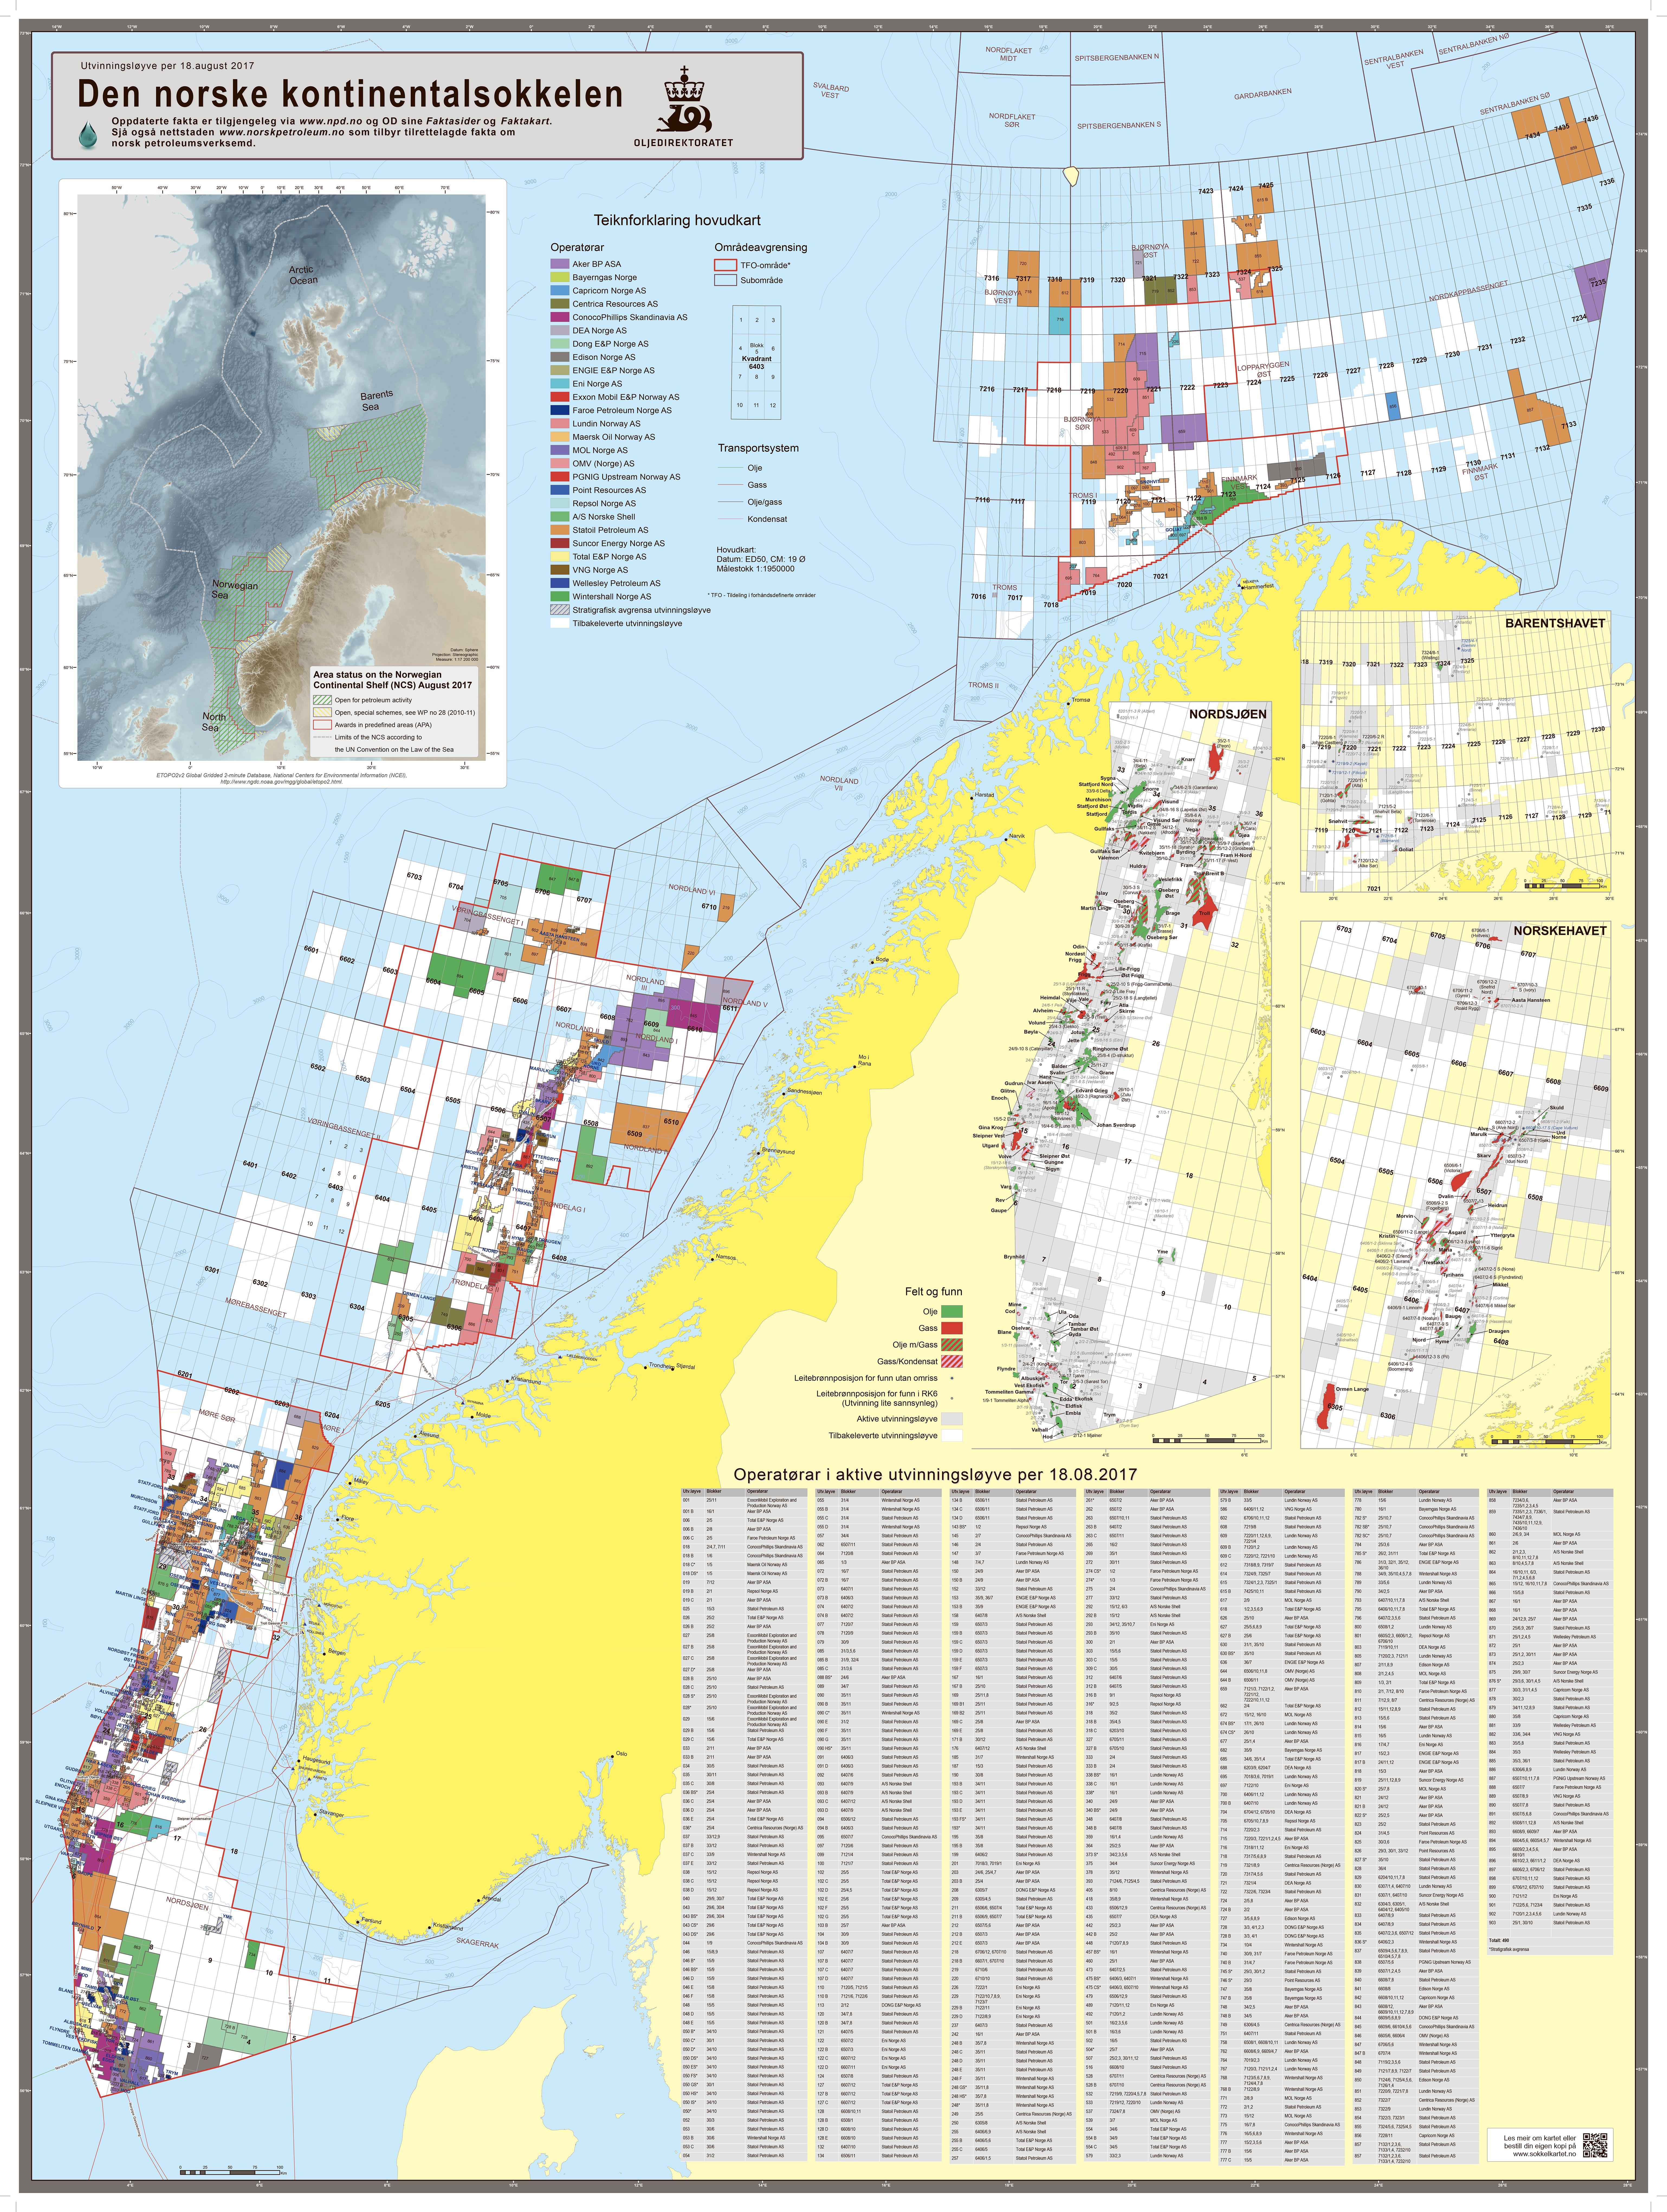 kart over norsk sokkel GH_Kontinentalsokkelkart_2017.indd   Norskpetroleum.no kart over norsk sokkel